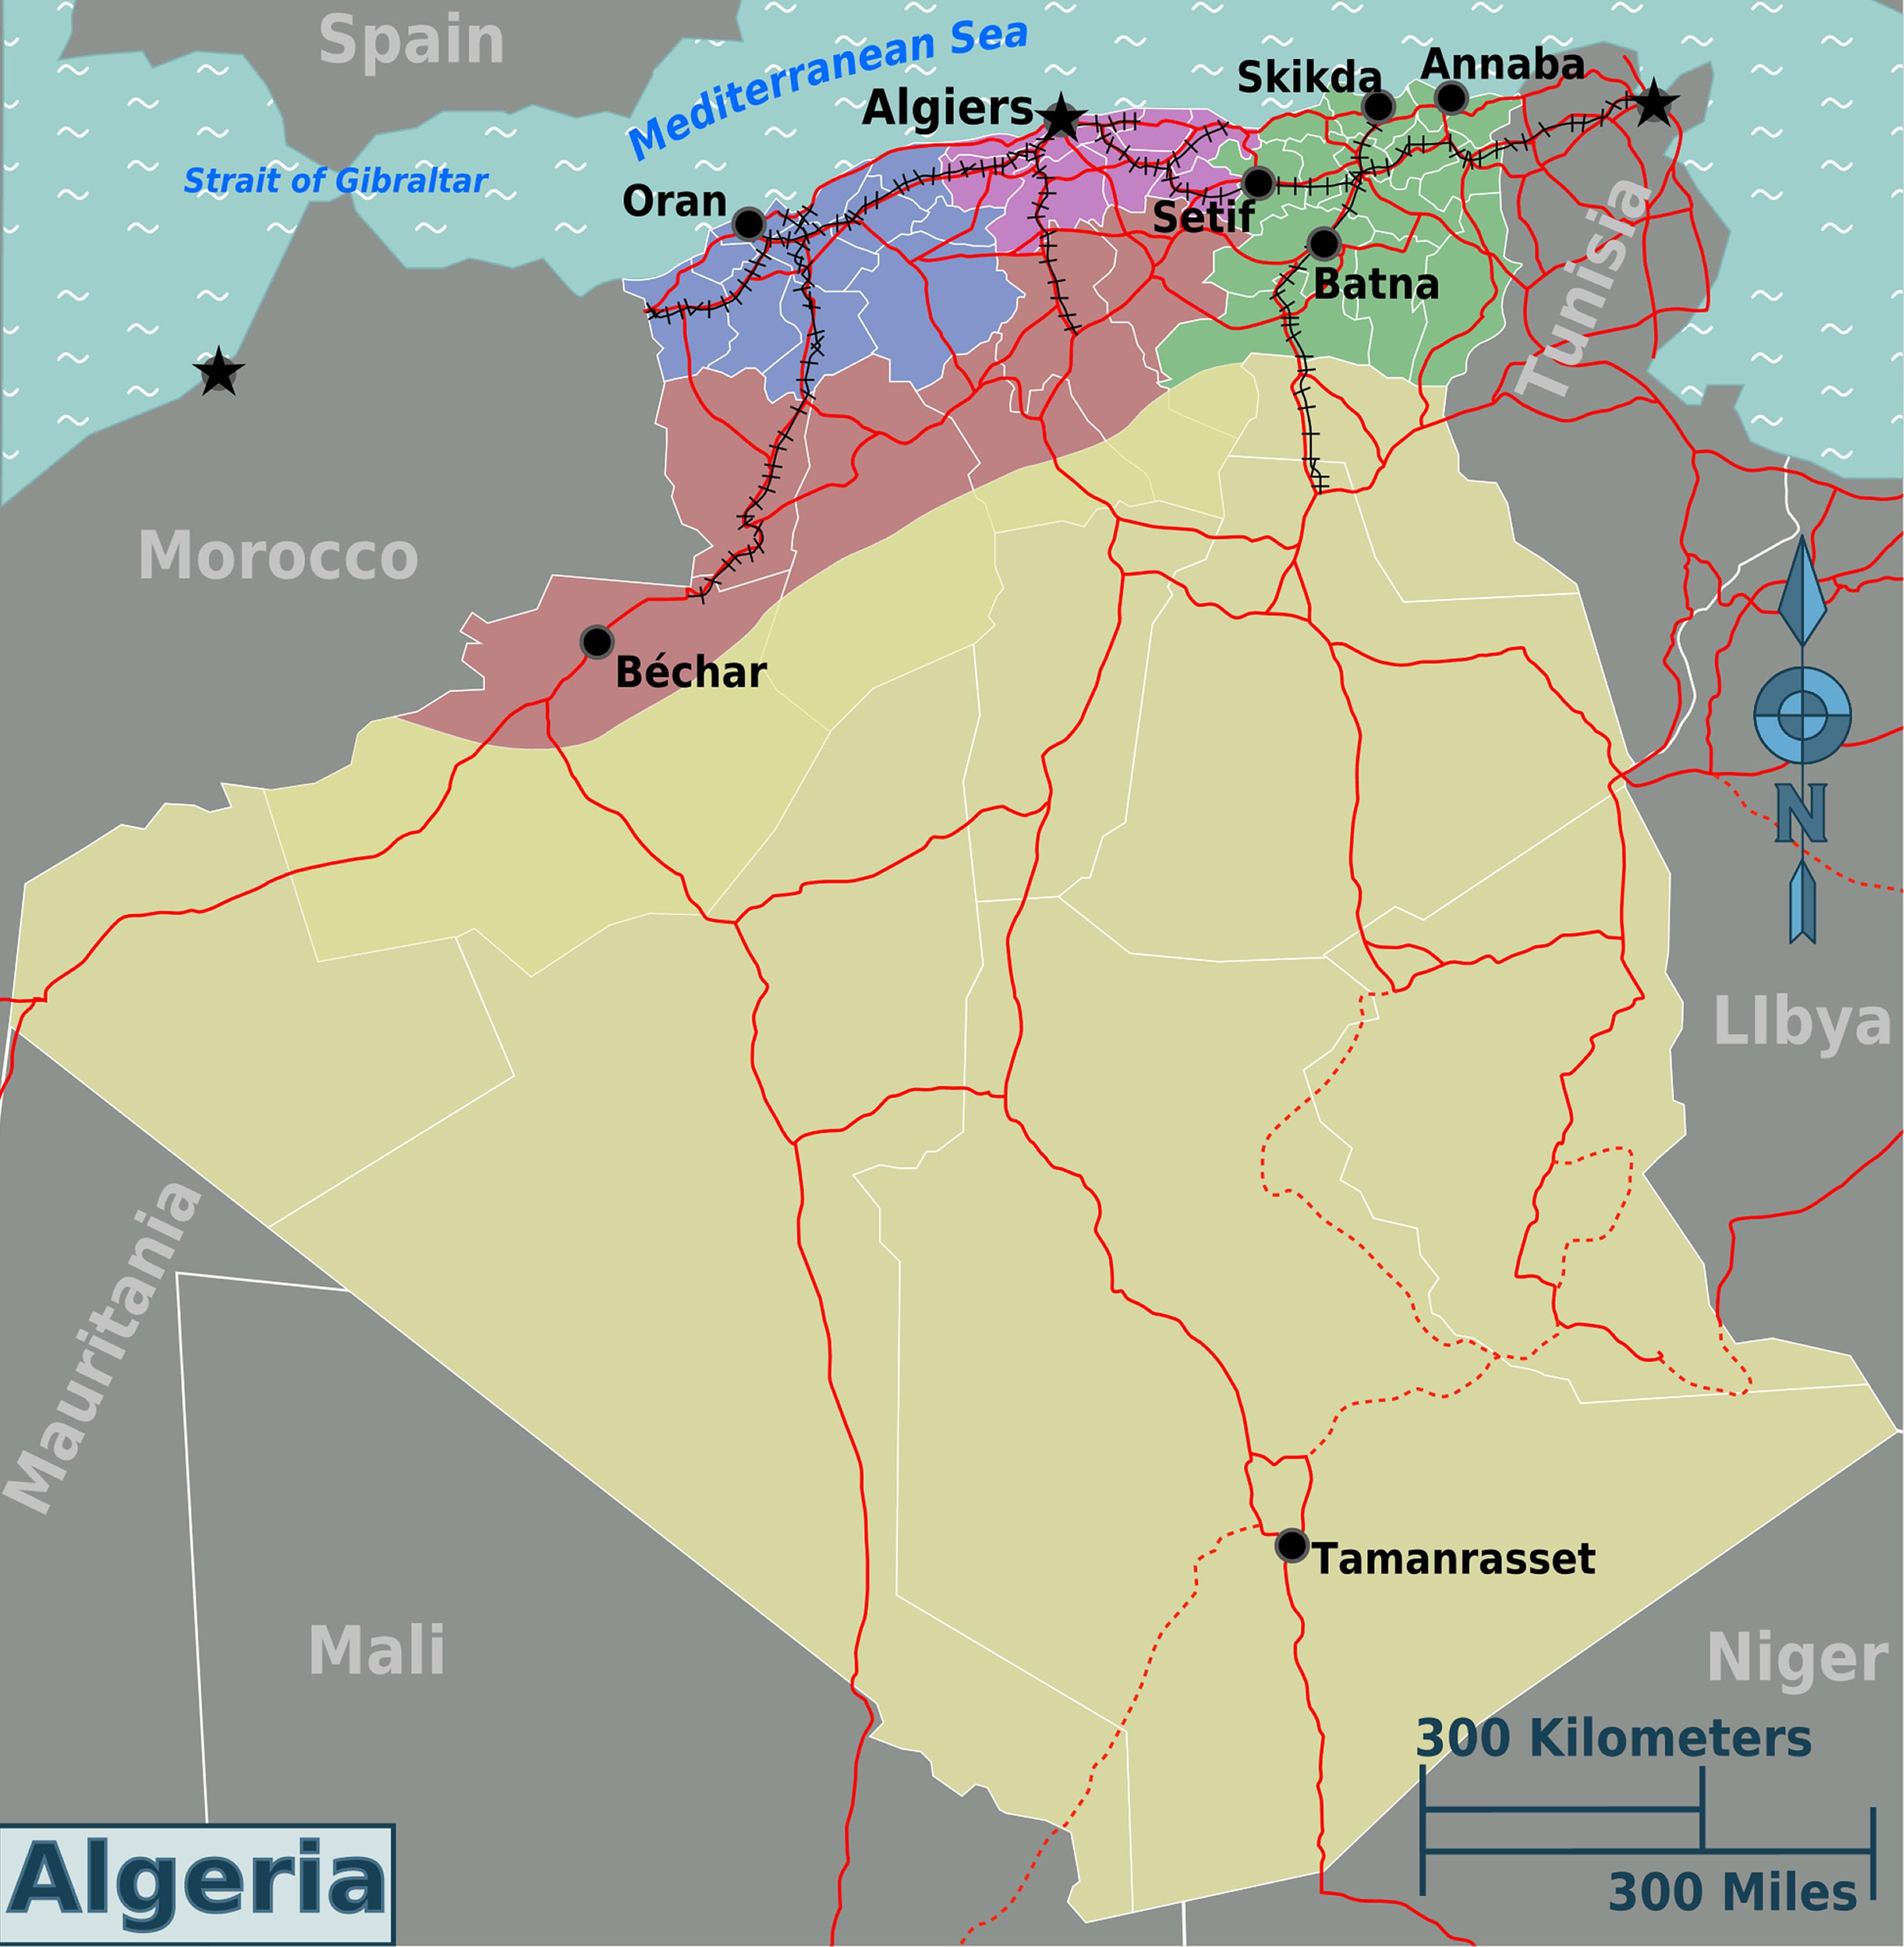 Carte Geographique De Lalgerie.Carte Region Algerie Carte Algerie